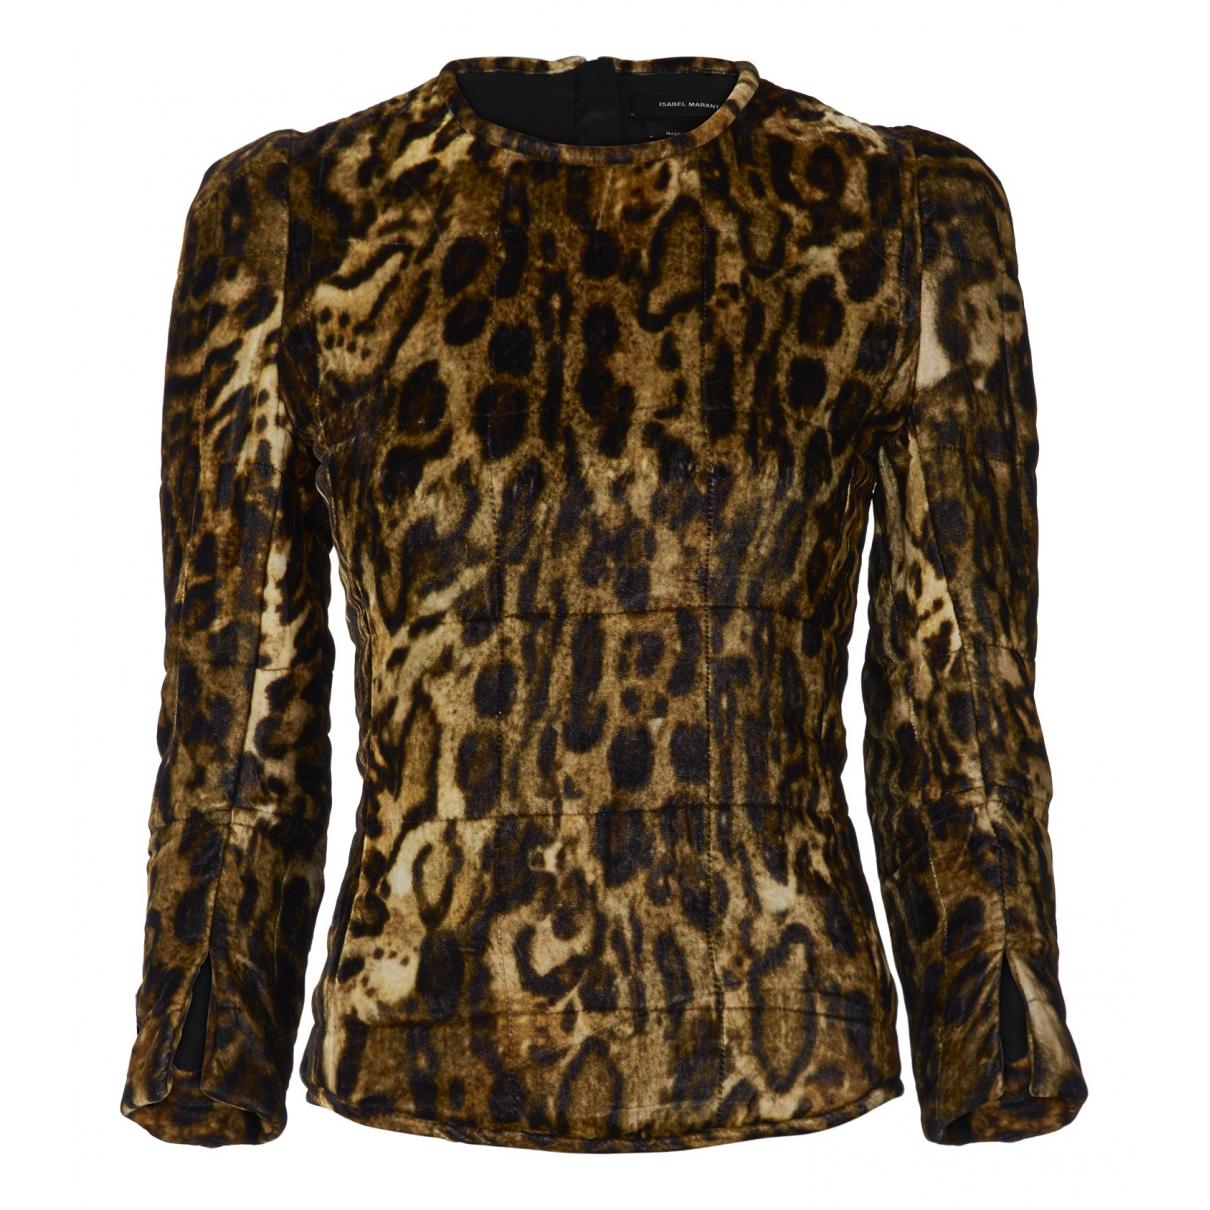 Isabel Marant N Yellow Knitwear for Women 6 UK